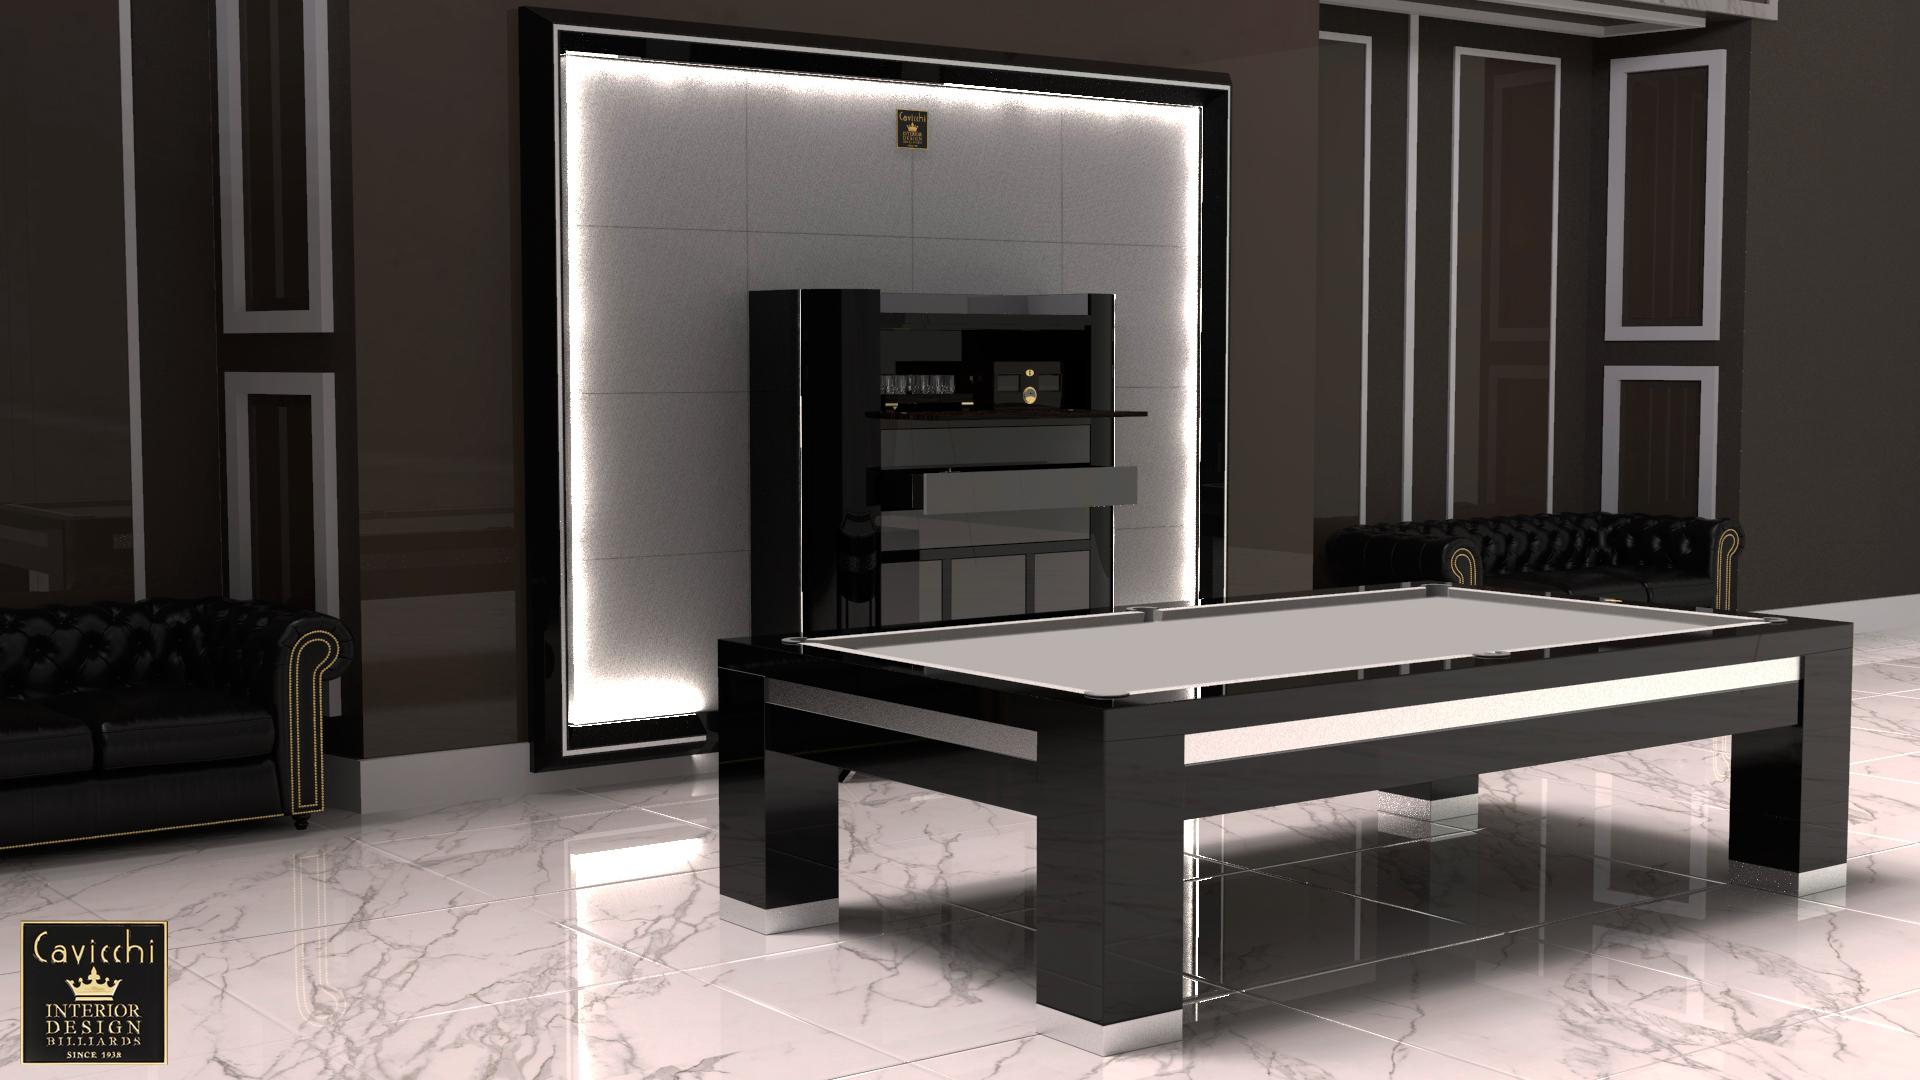 Cayman Billiard Pool Table - Showroom Shop 1